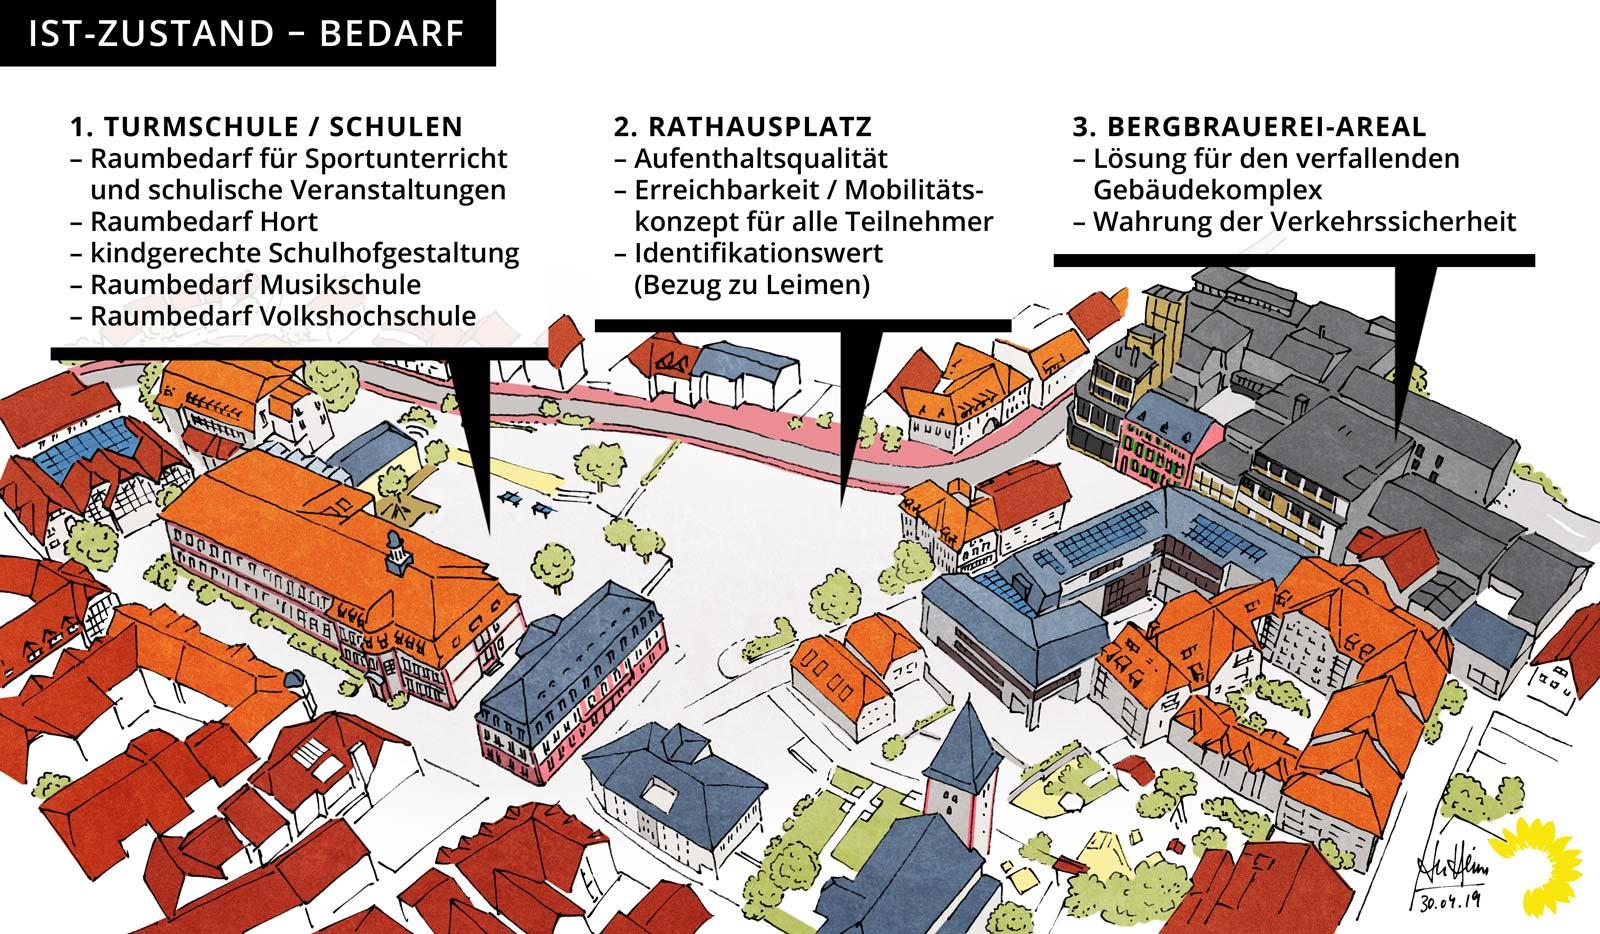 Rathausplatz – Ist-Zustand (Bedarf)